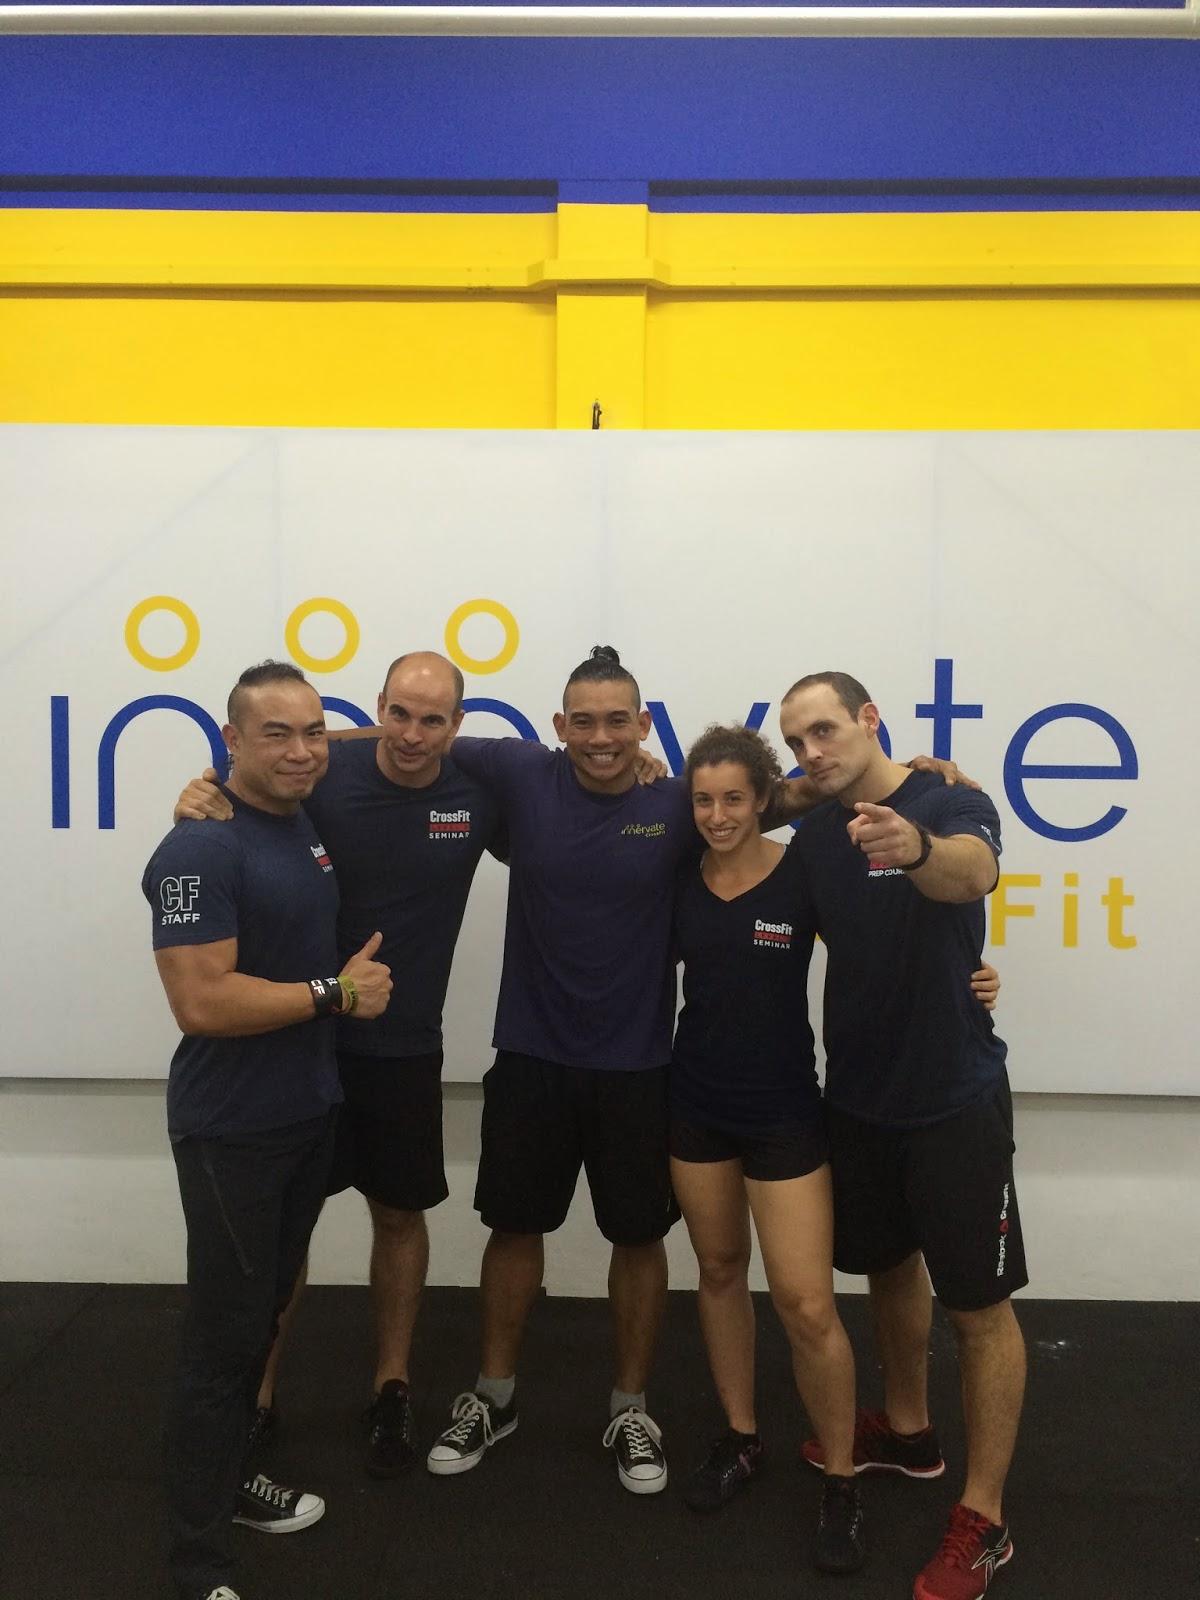 Innervate CrossFit Singapore